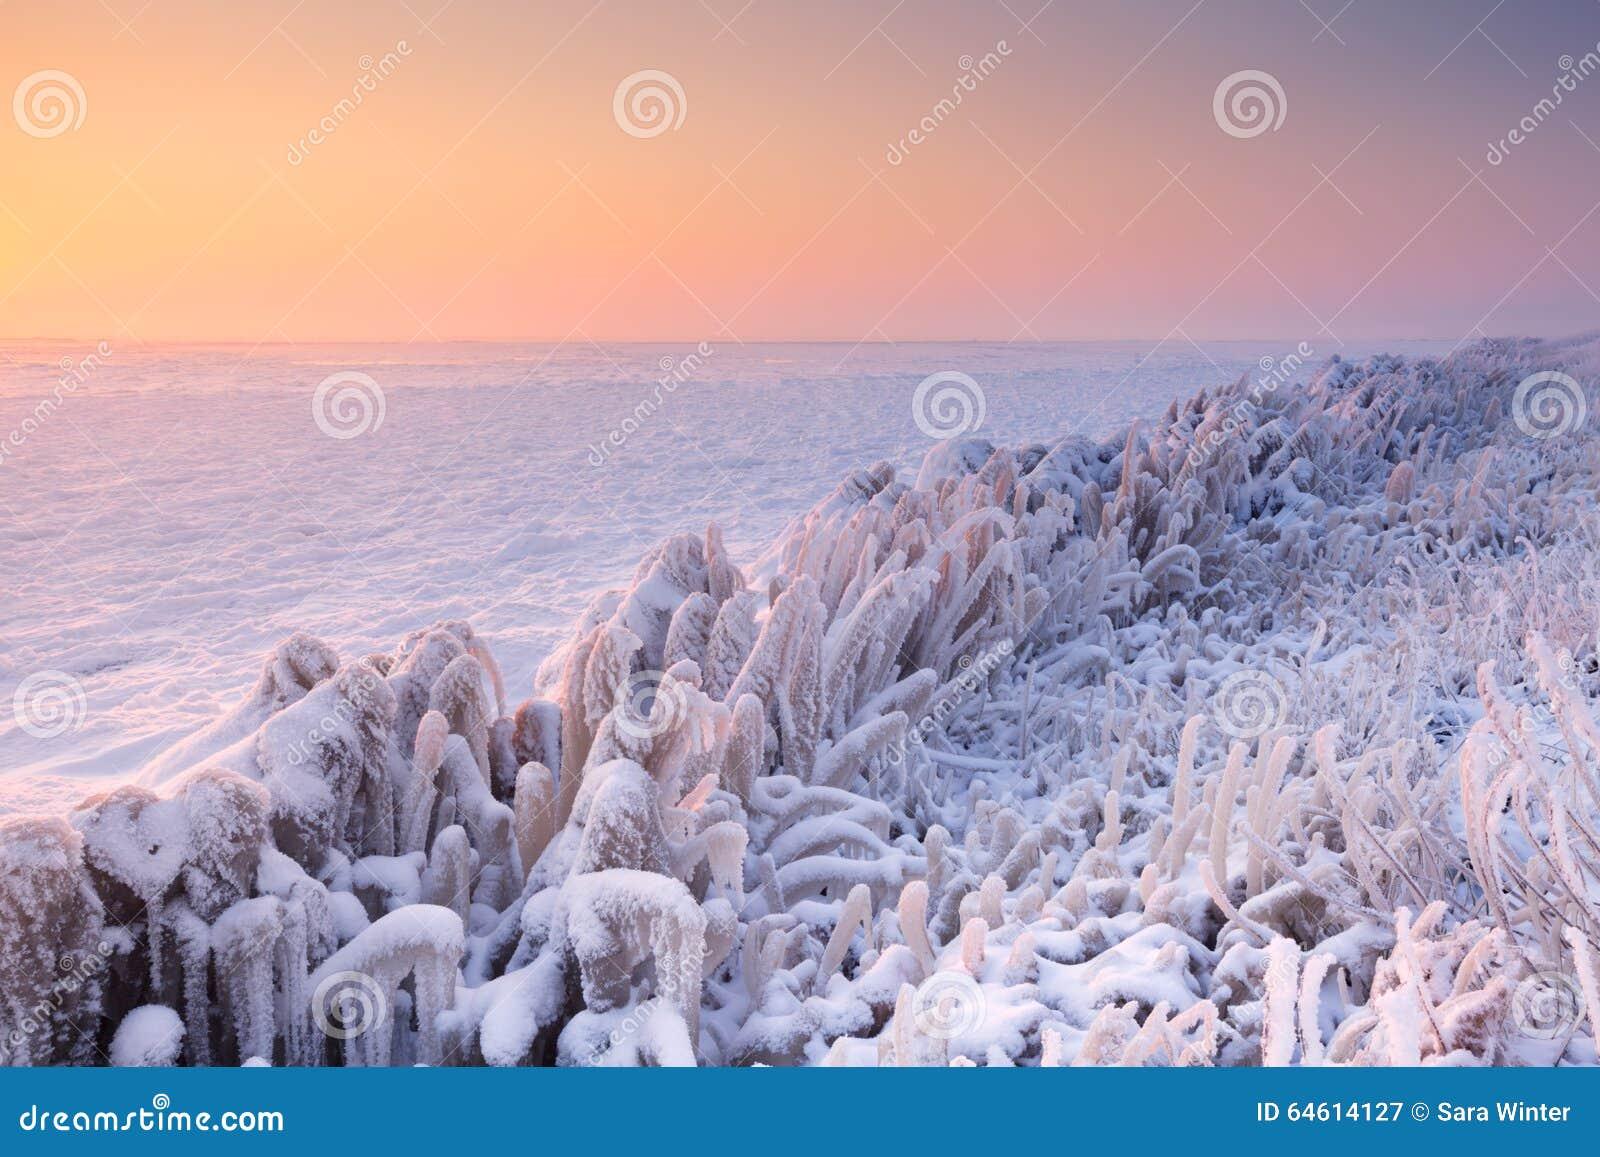 Salida del sol sobre un lago congelado en los Países Bajos